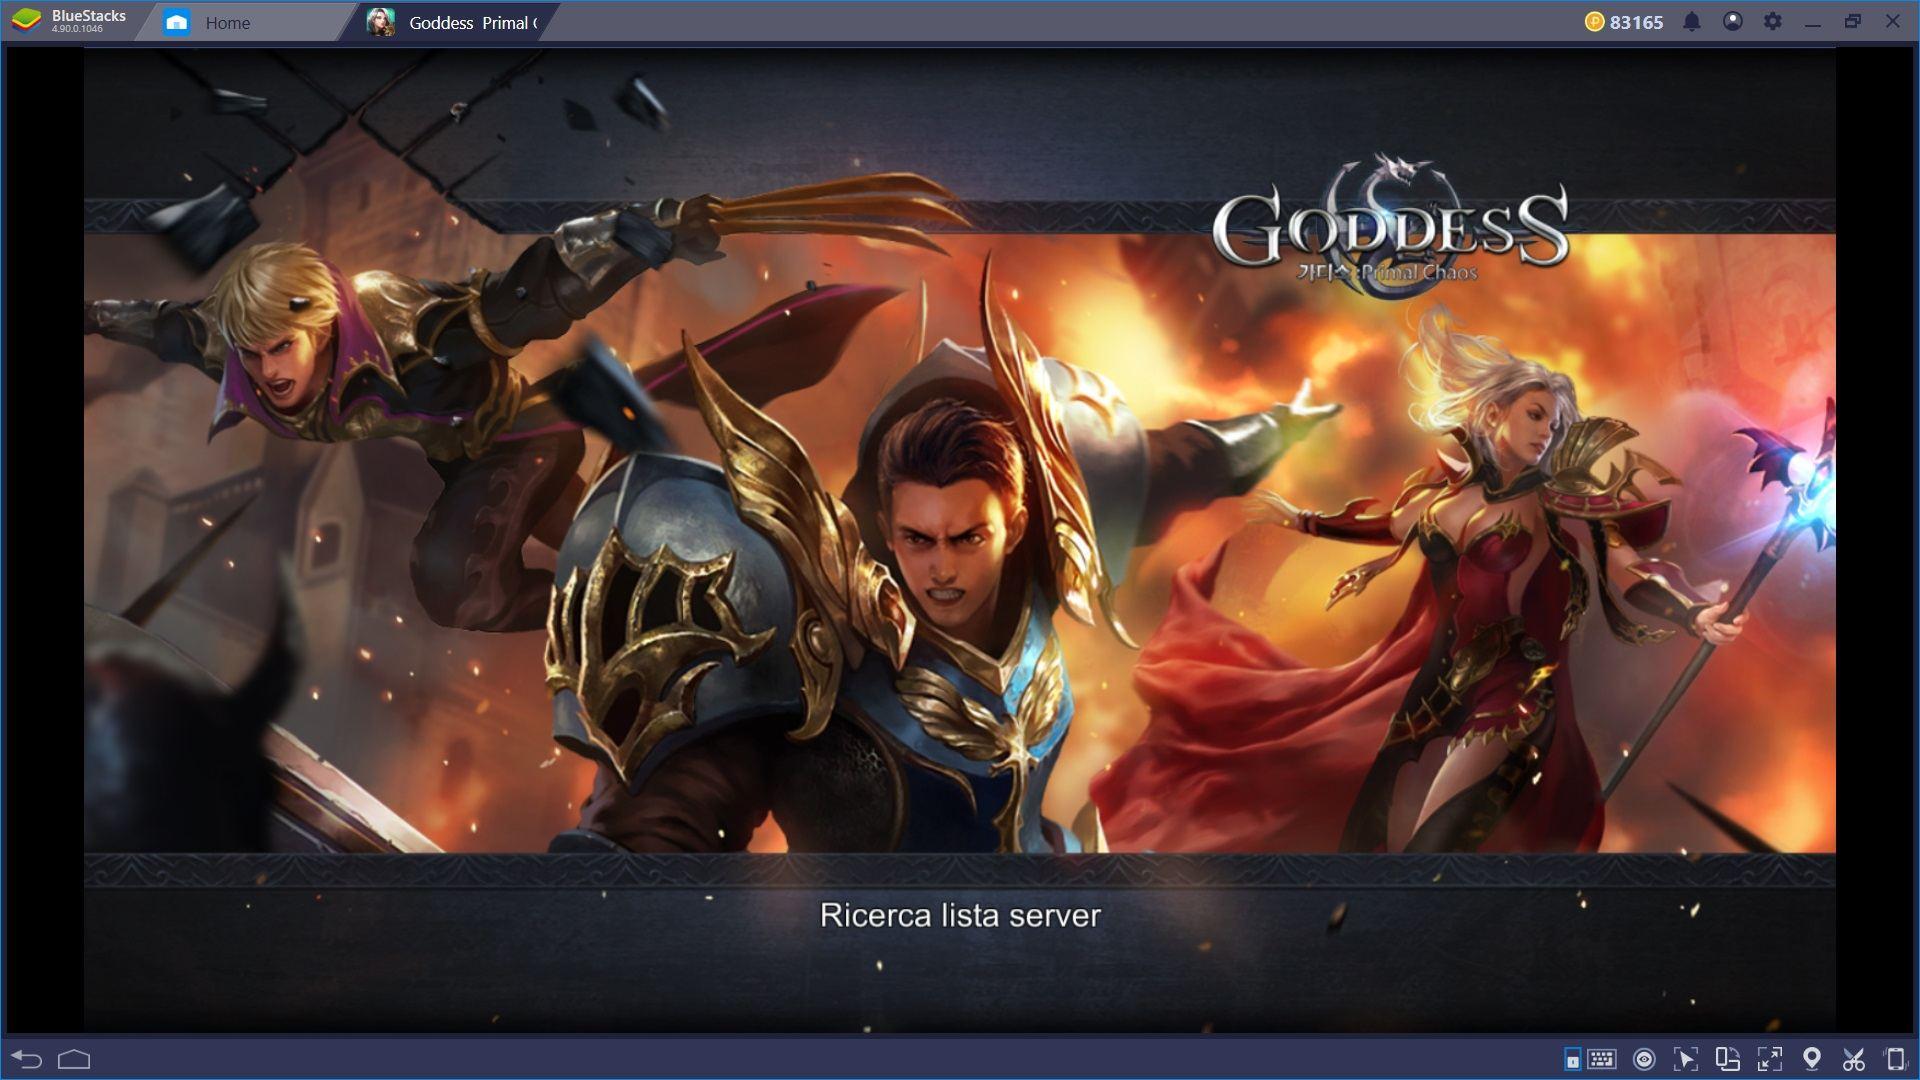 Gioca a Goddess: Primal Chaos con Bluestacks e sfrutta tutti i vantaggi